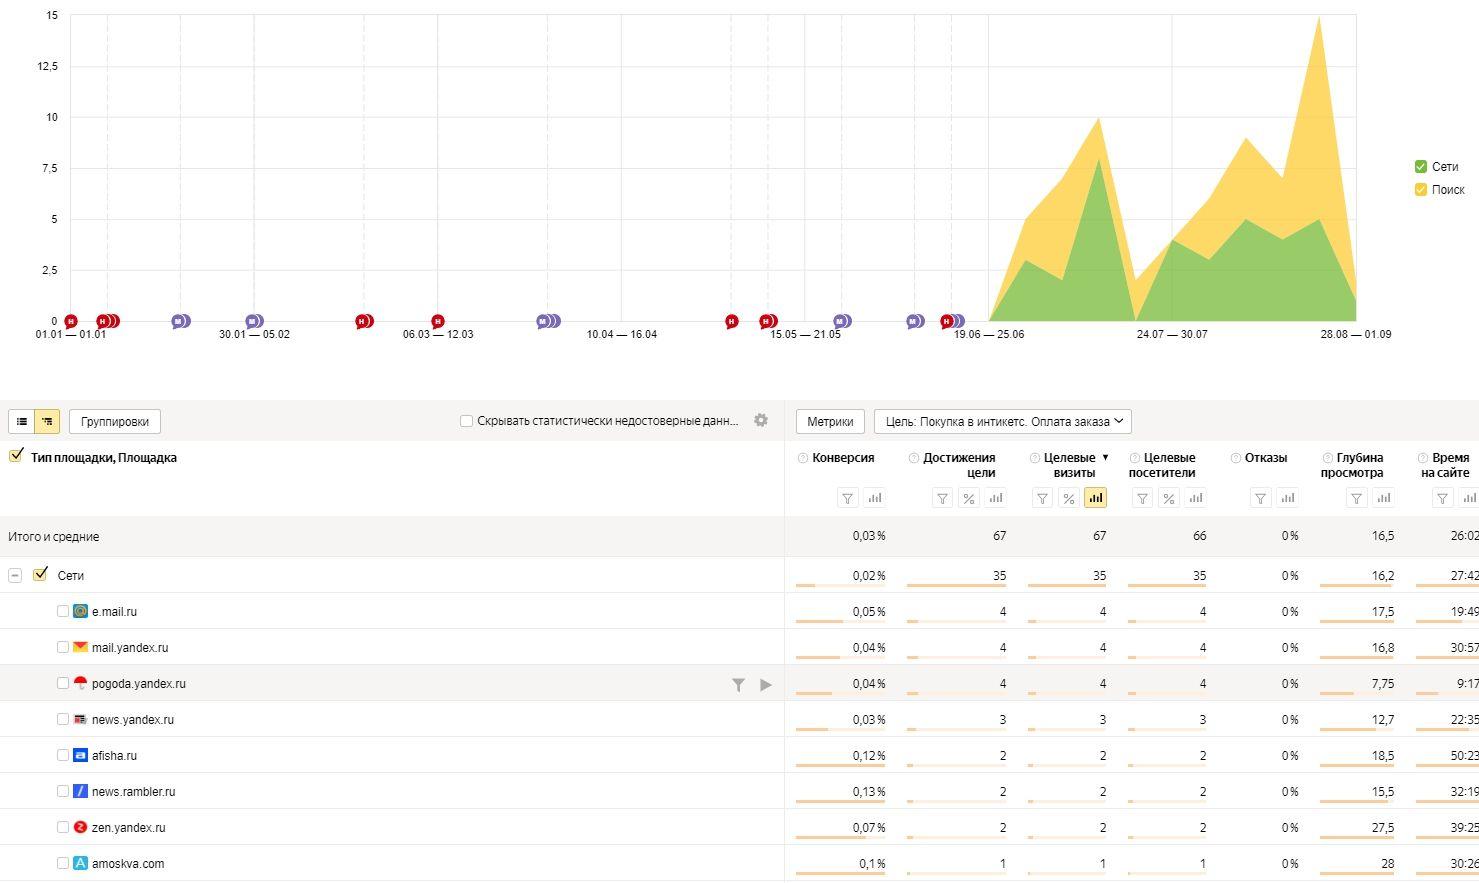 Отчет «Яндекс.Директ Площадки»